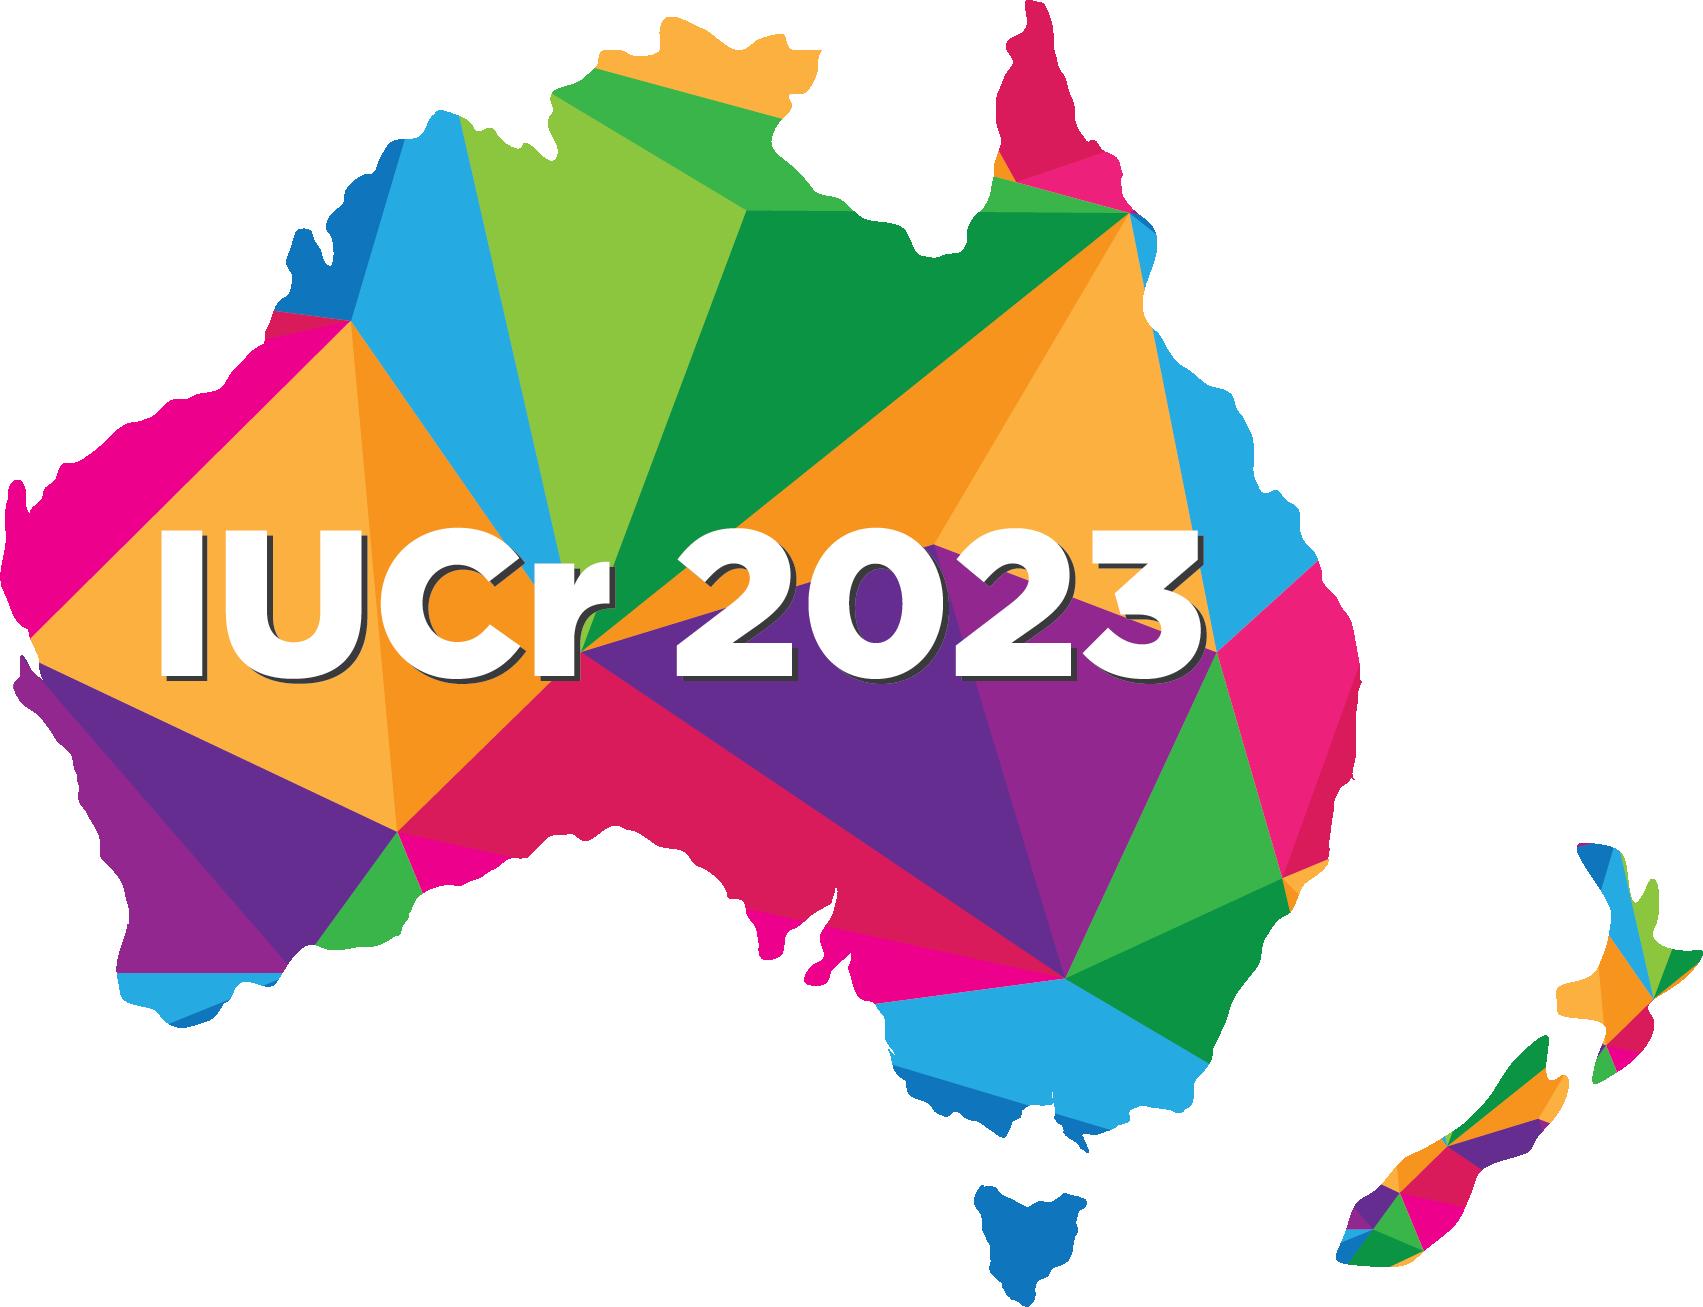 [Melbourne 2023 logo]